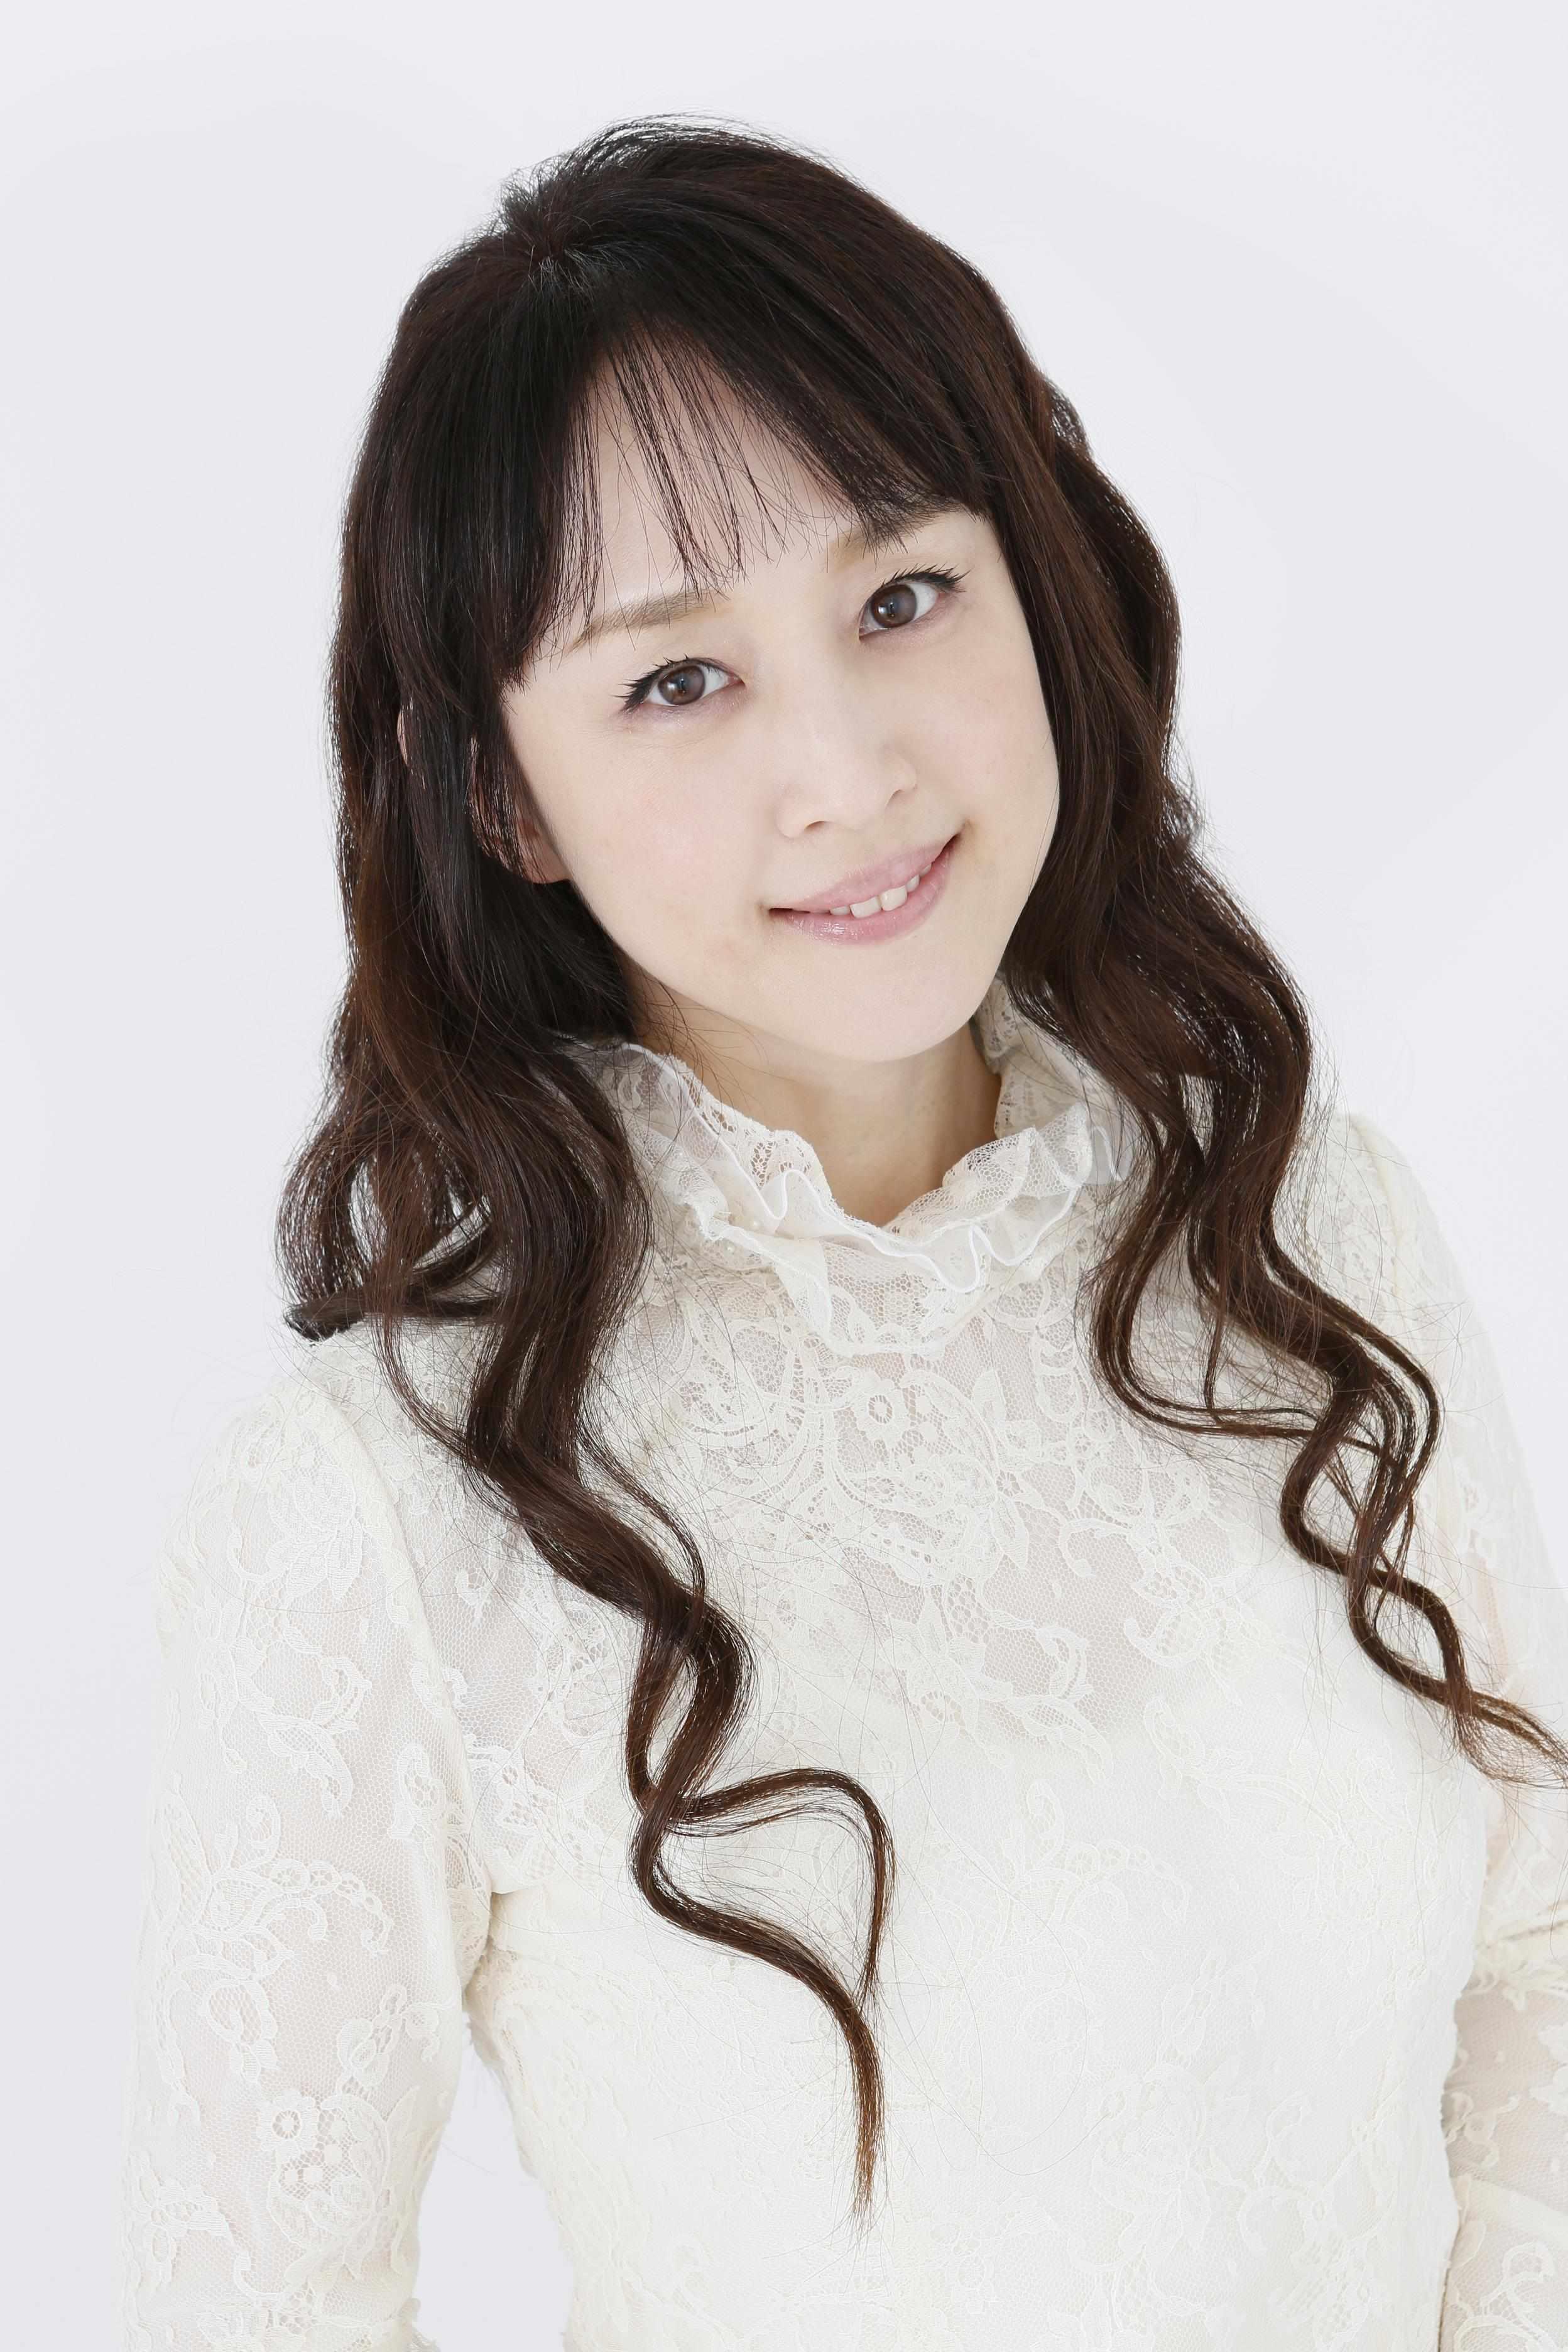 翔子 結婚 相田 相田翔子の子供(娘)は成城幼稚園で何人で障害?年齢?旦那は司葉子で年齢?